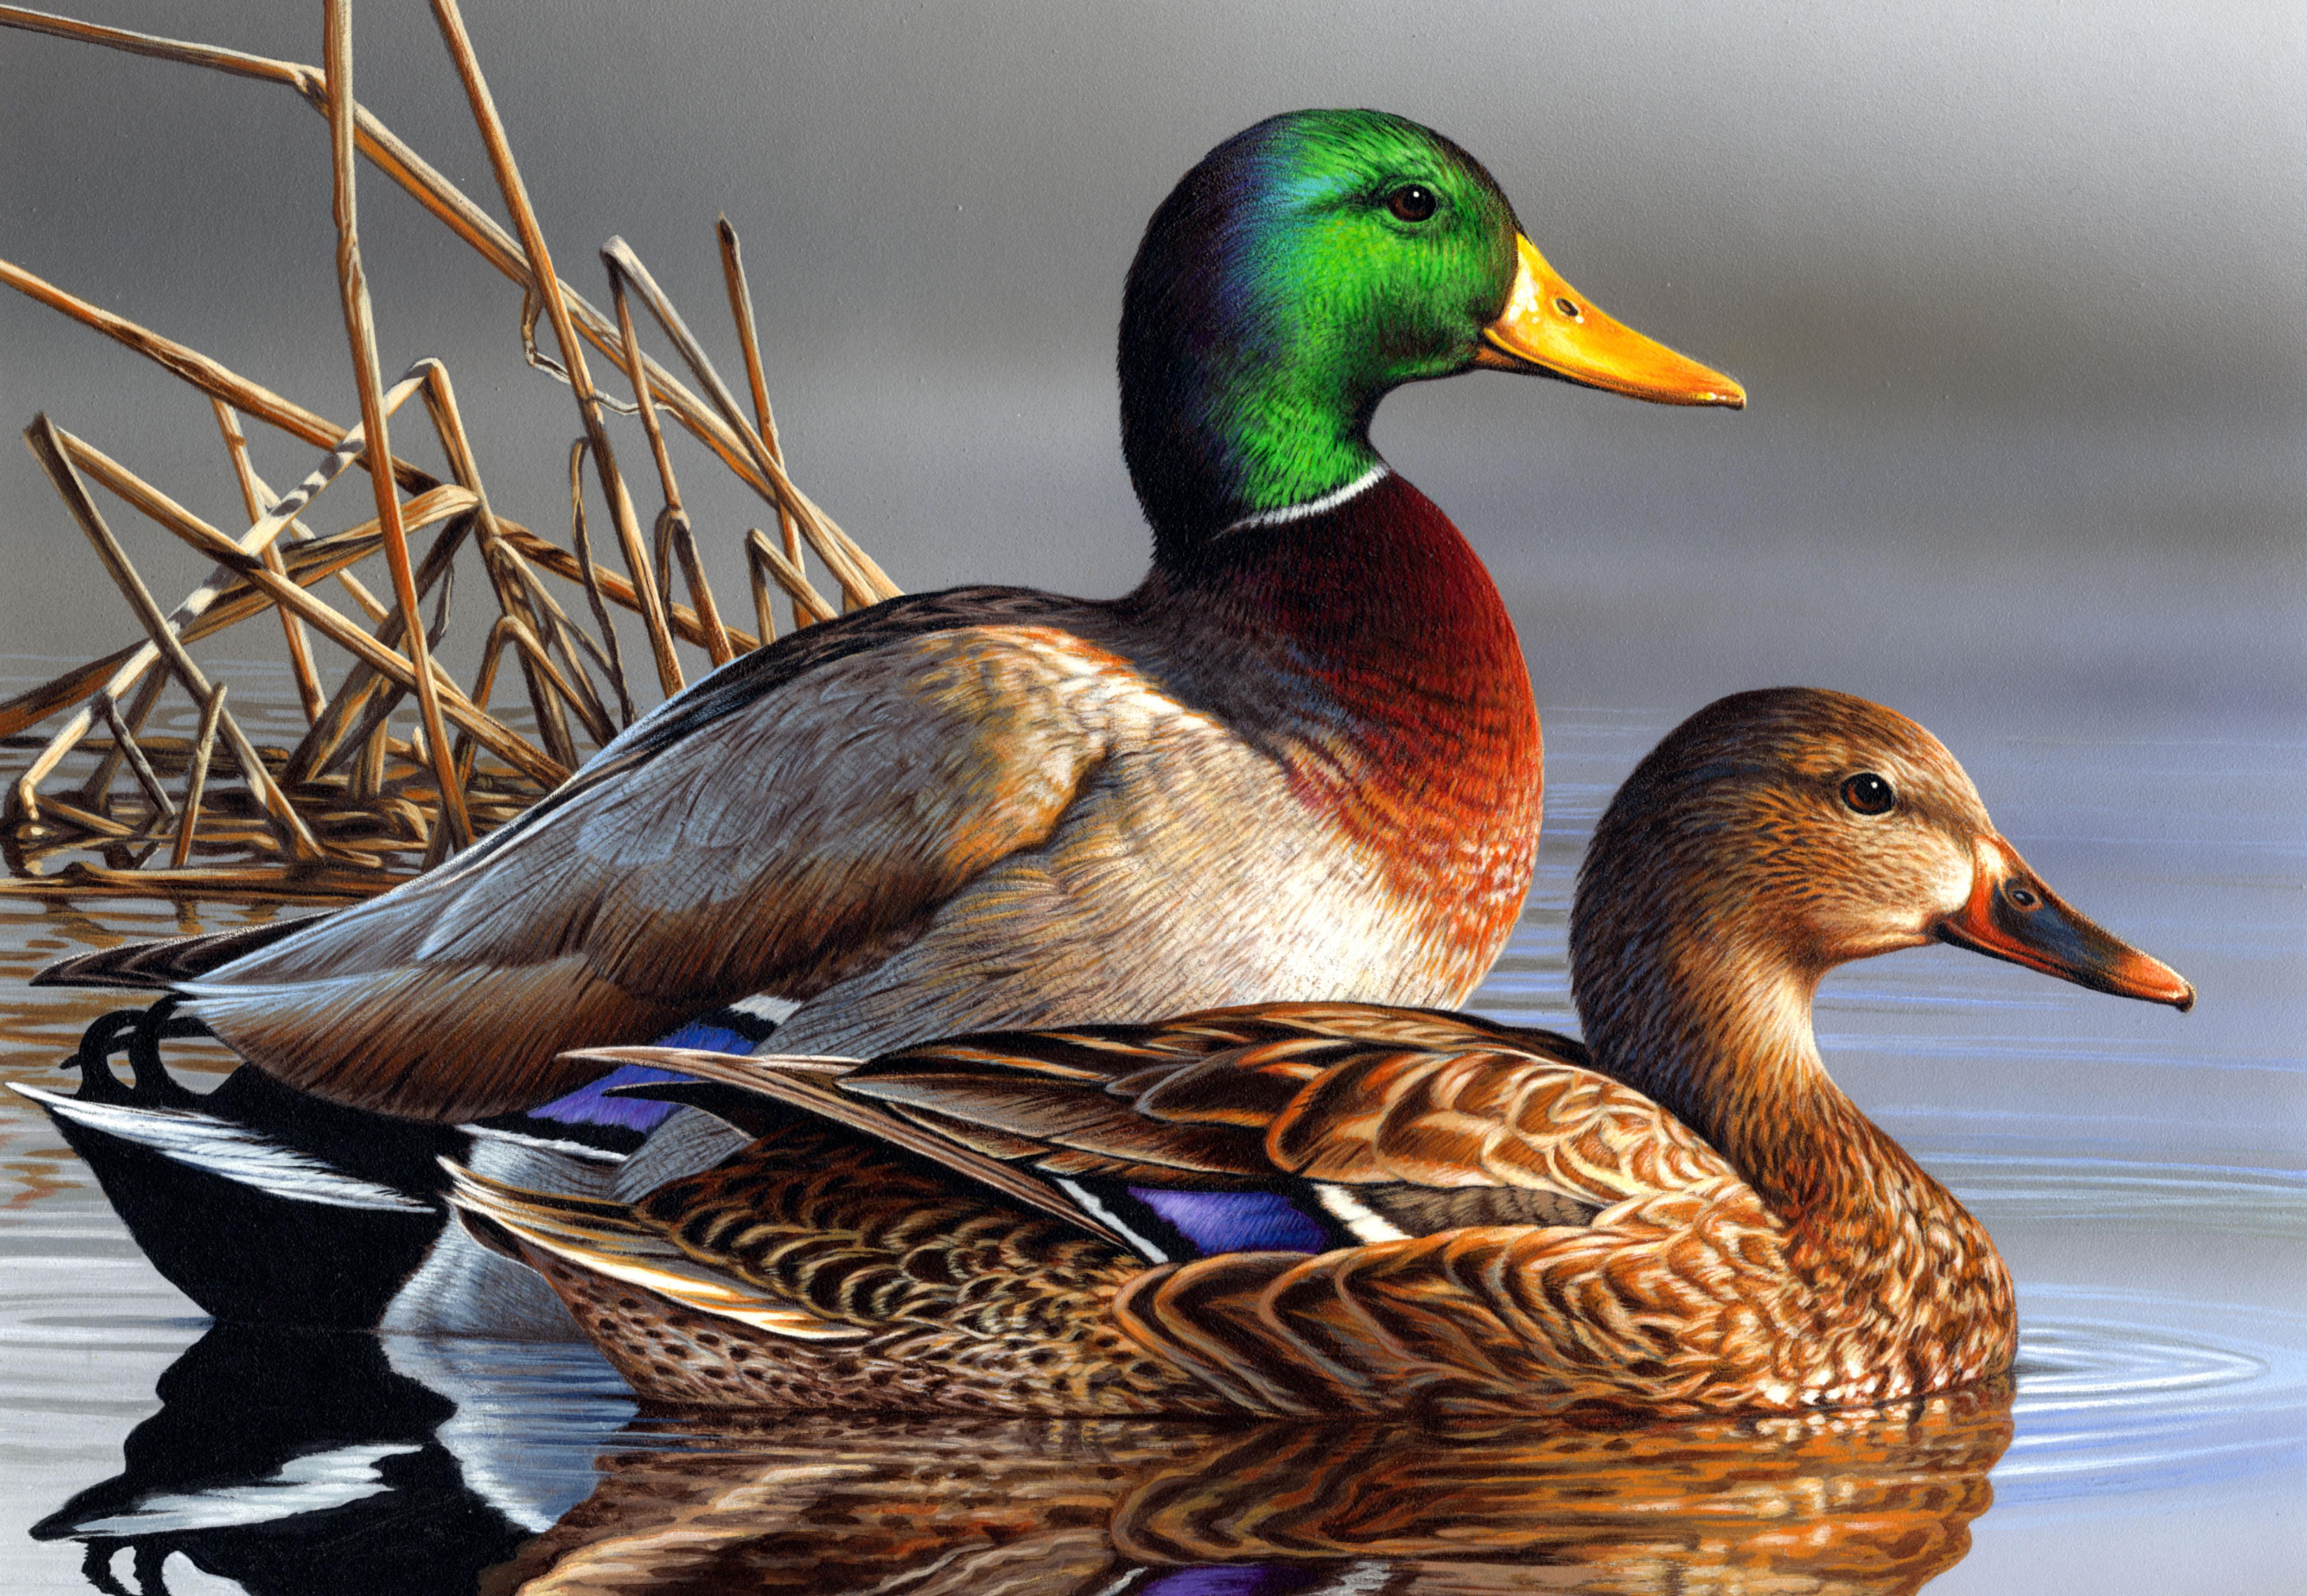 Mallard duck photo